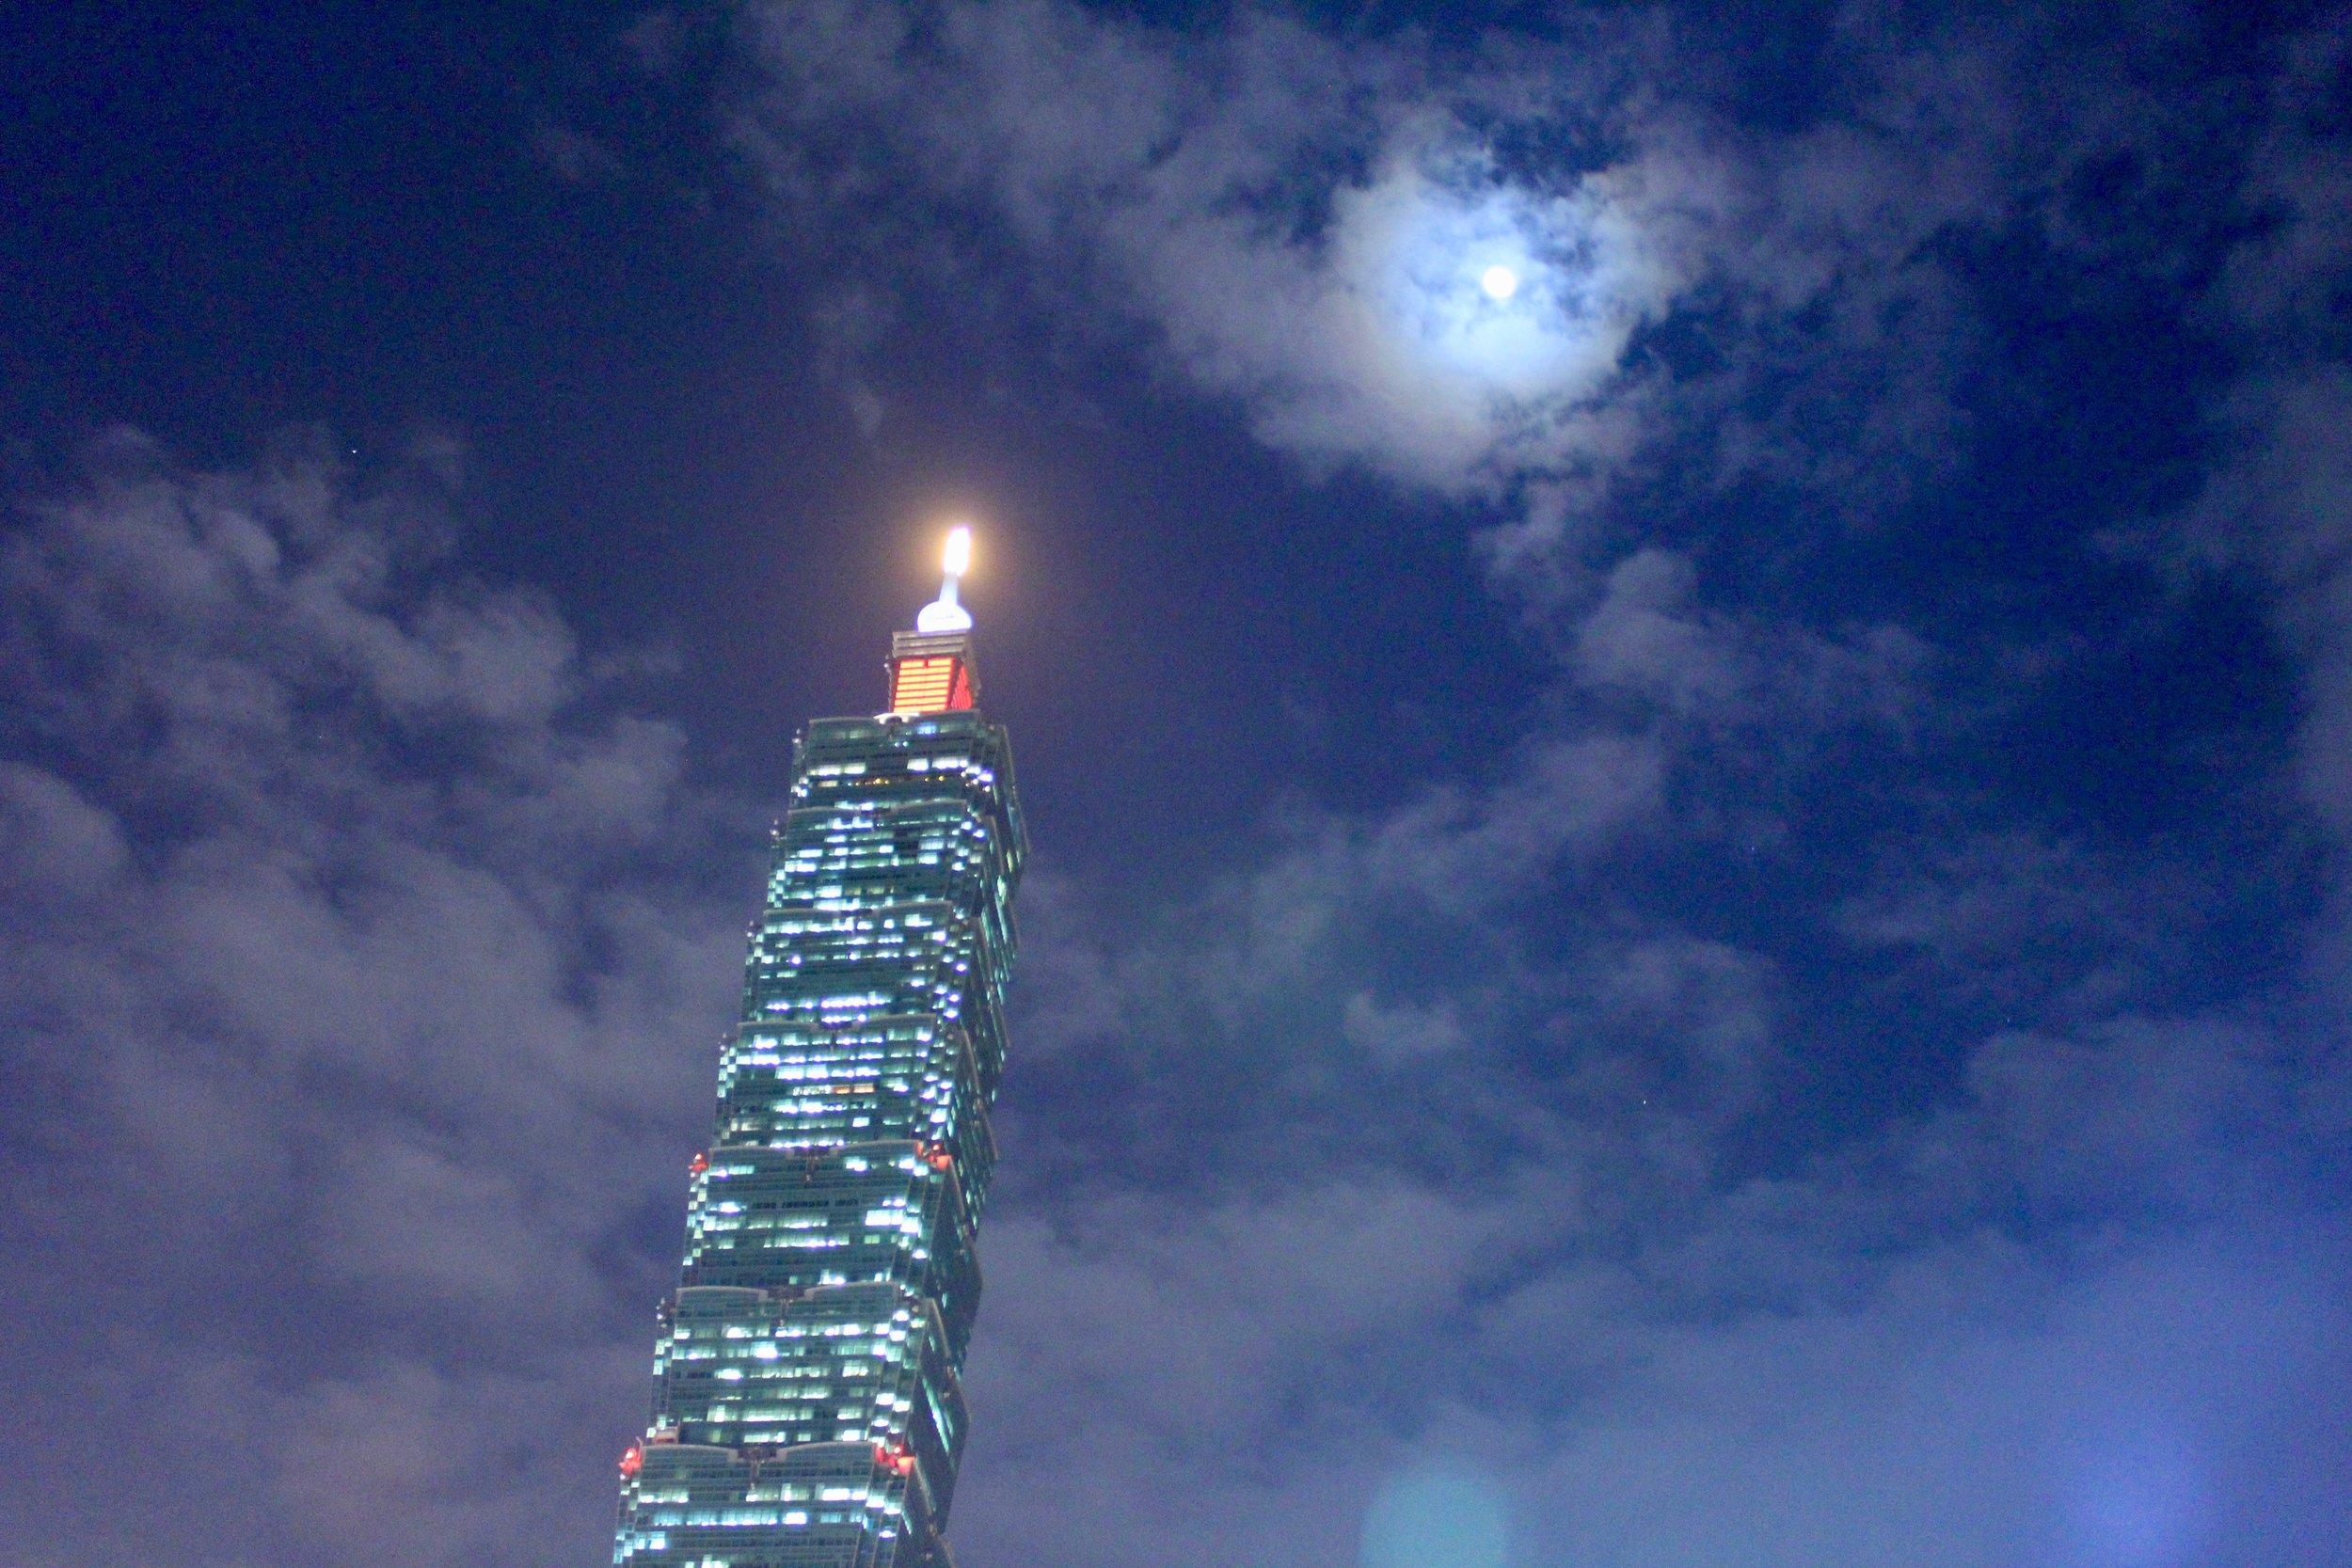 Night View of the Taipei 101